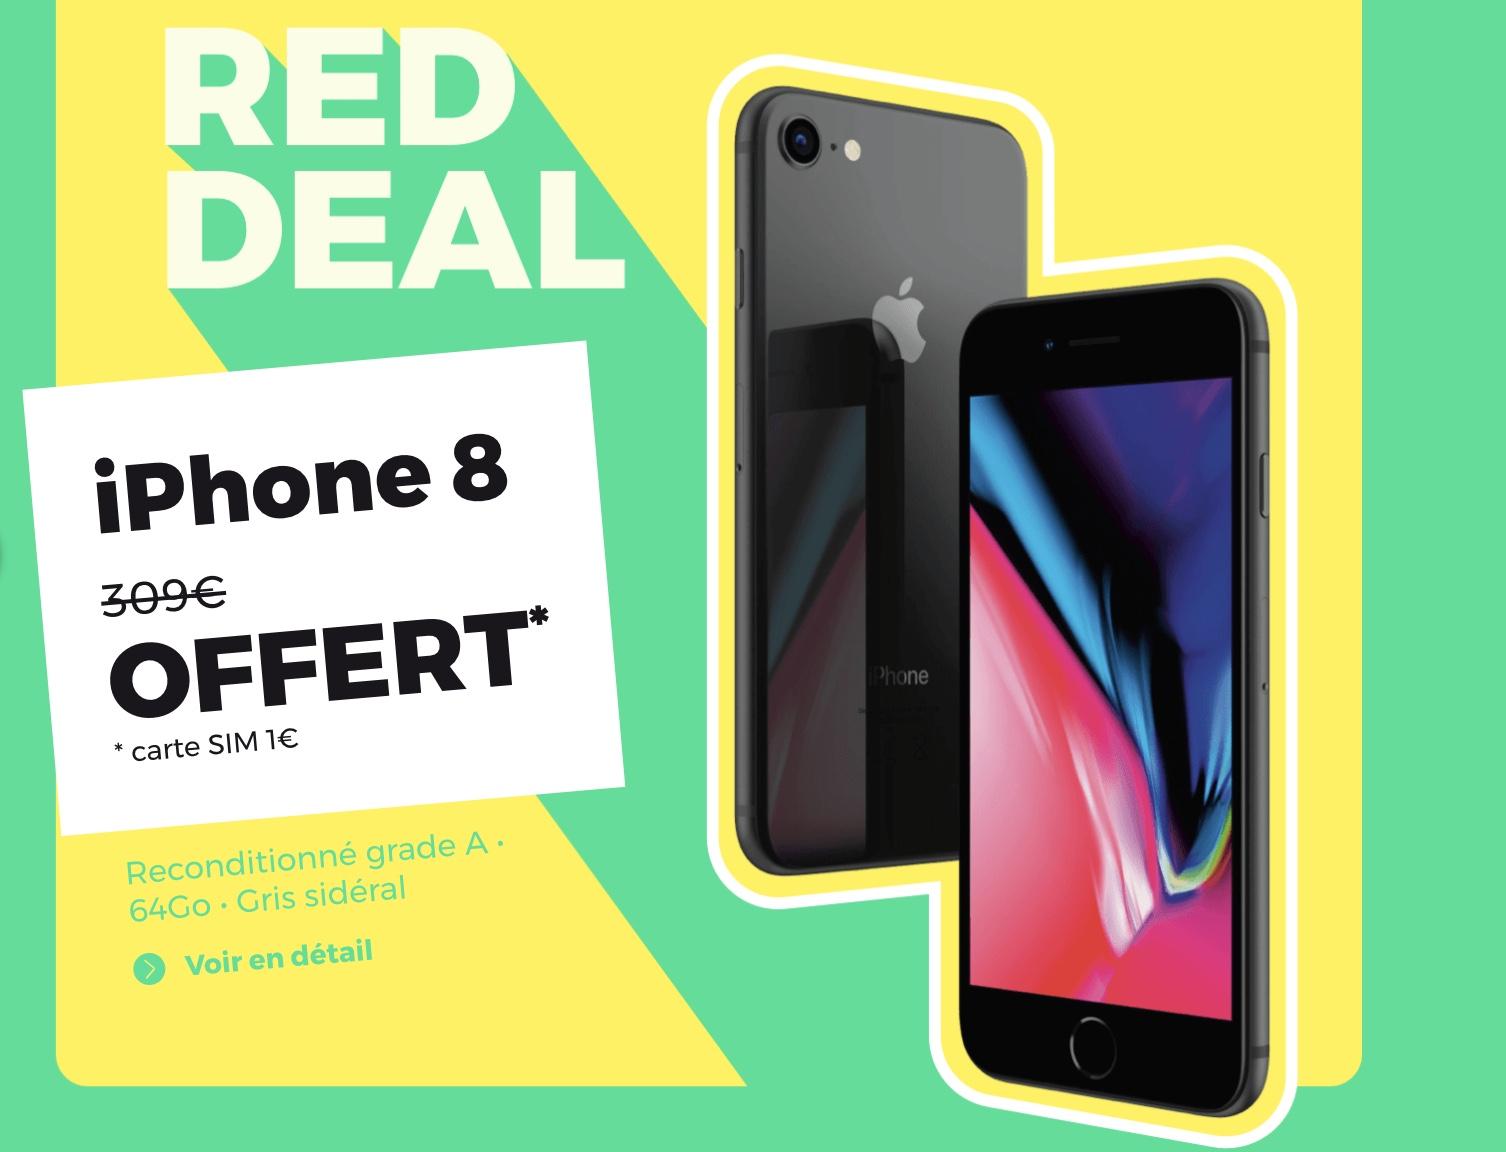 Code promo RED by SFR : Un iPhone 8 offert pour toute souscription à un forfait mobile illimité + 100Go à 15€/mois